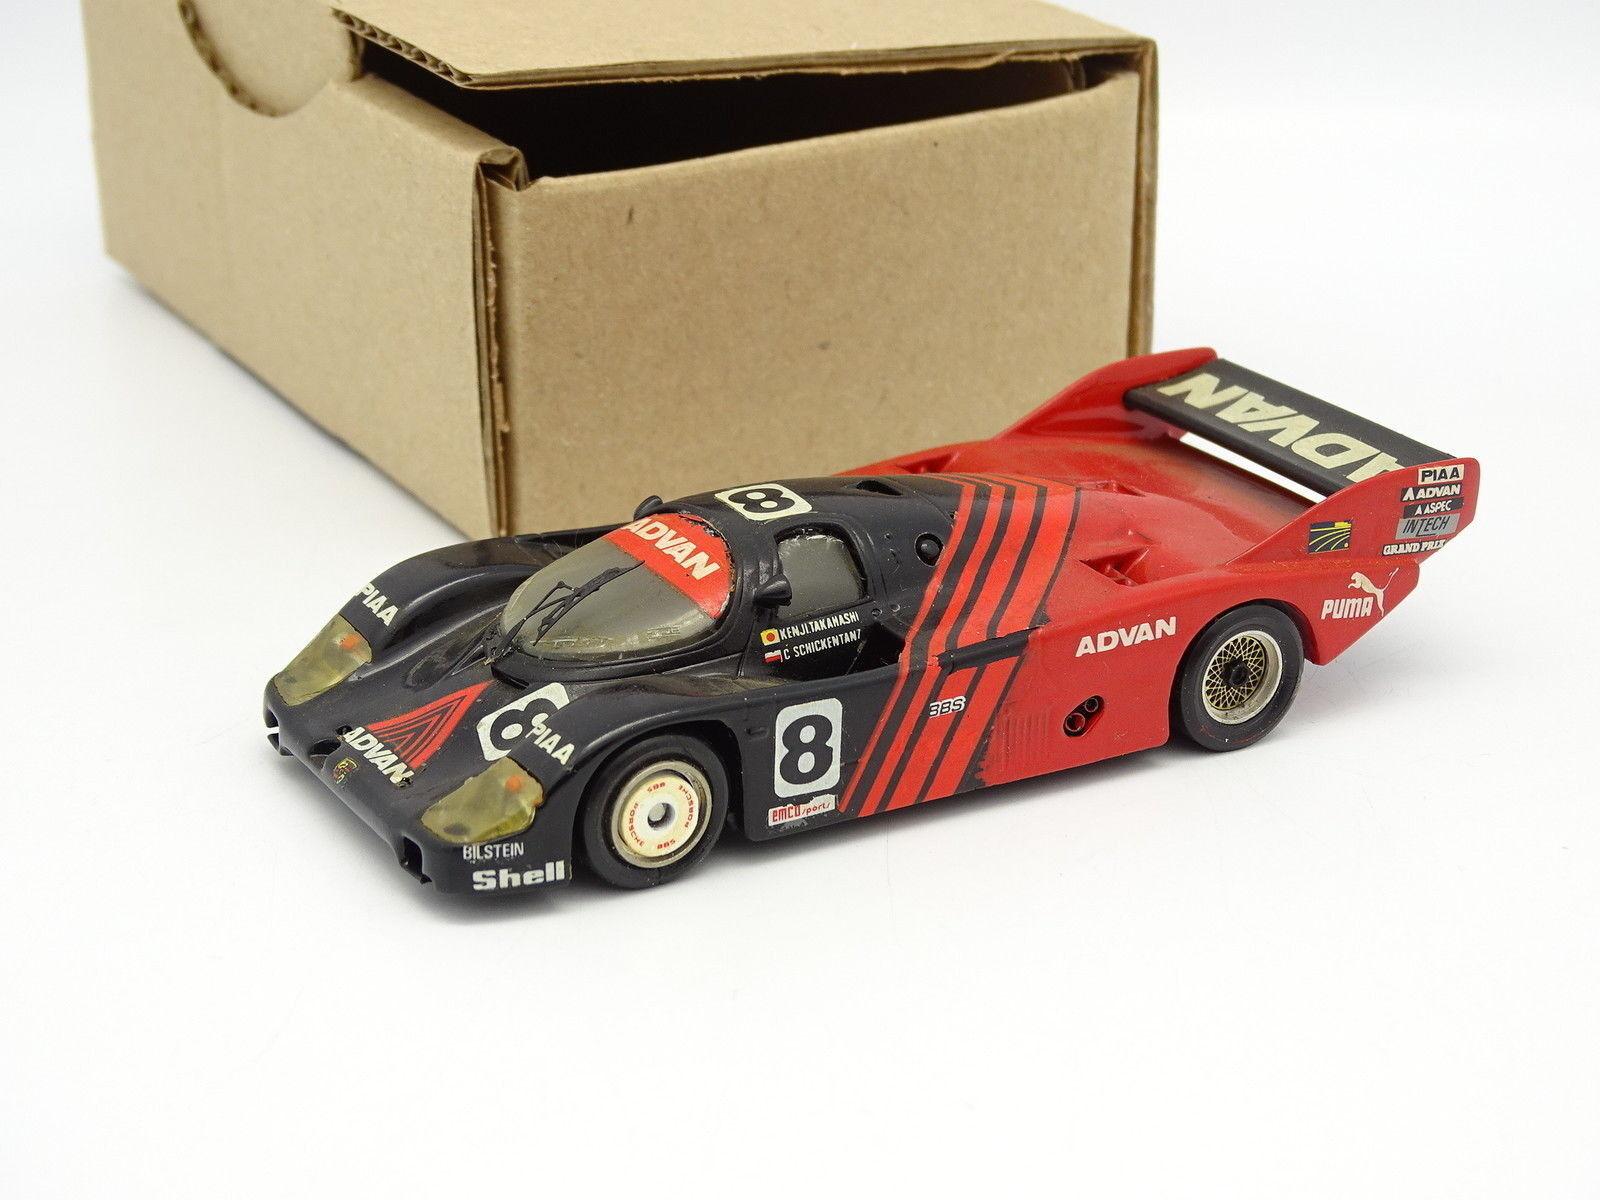 Starter Kit Monté SB 1 43 - Porsche 956 Advan Fuji 1983 N°8